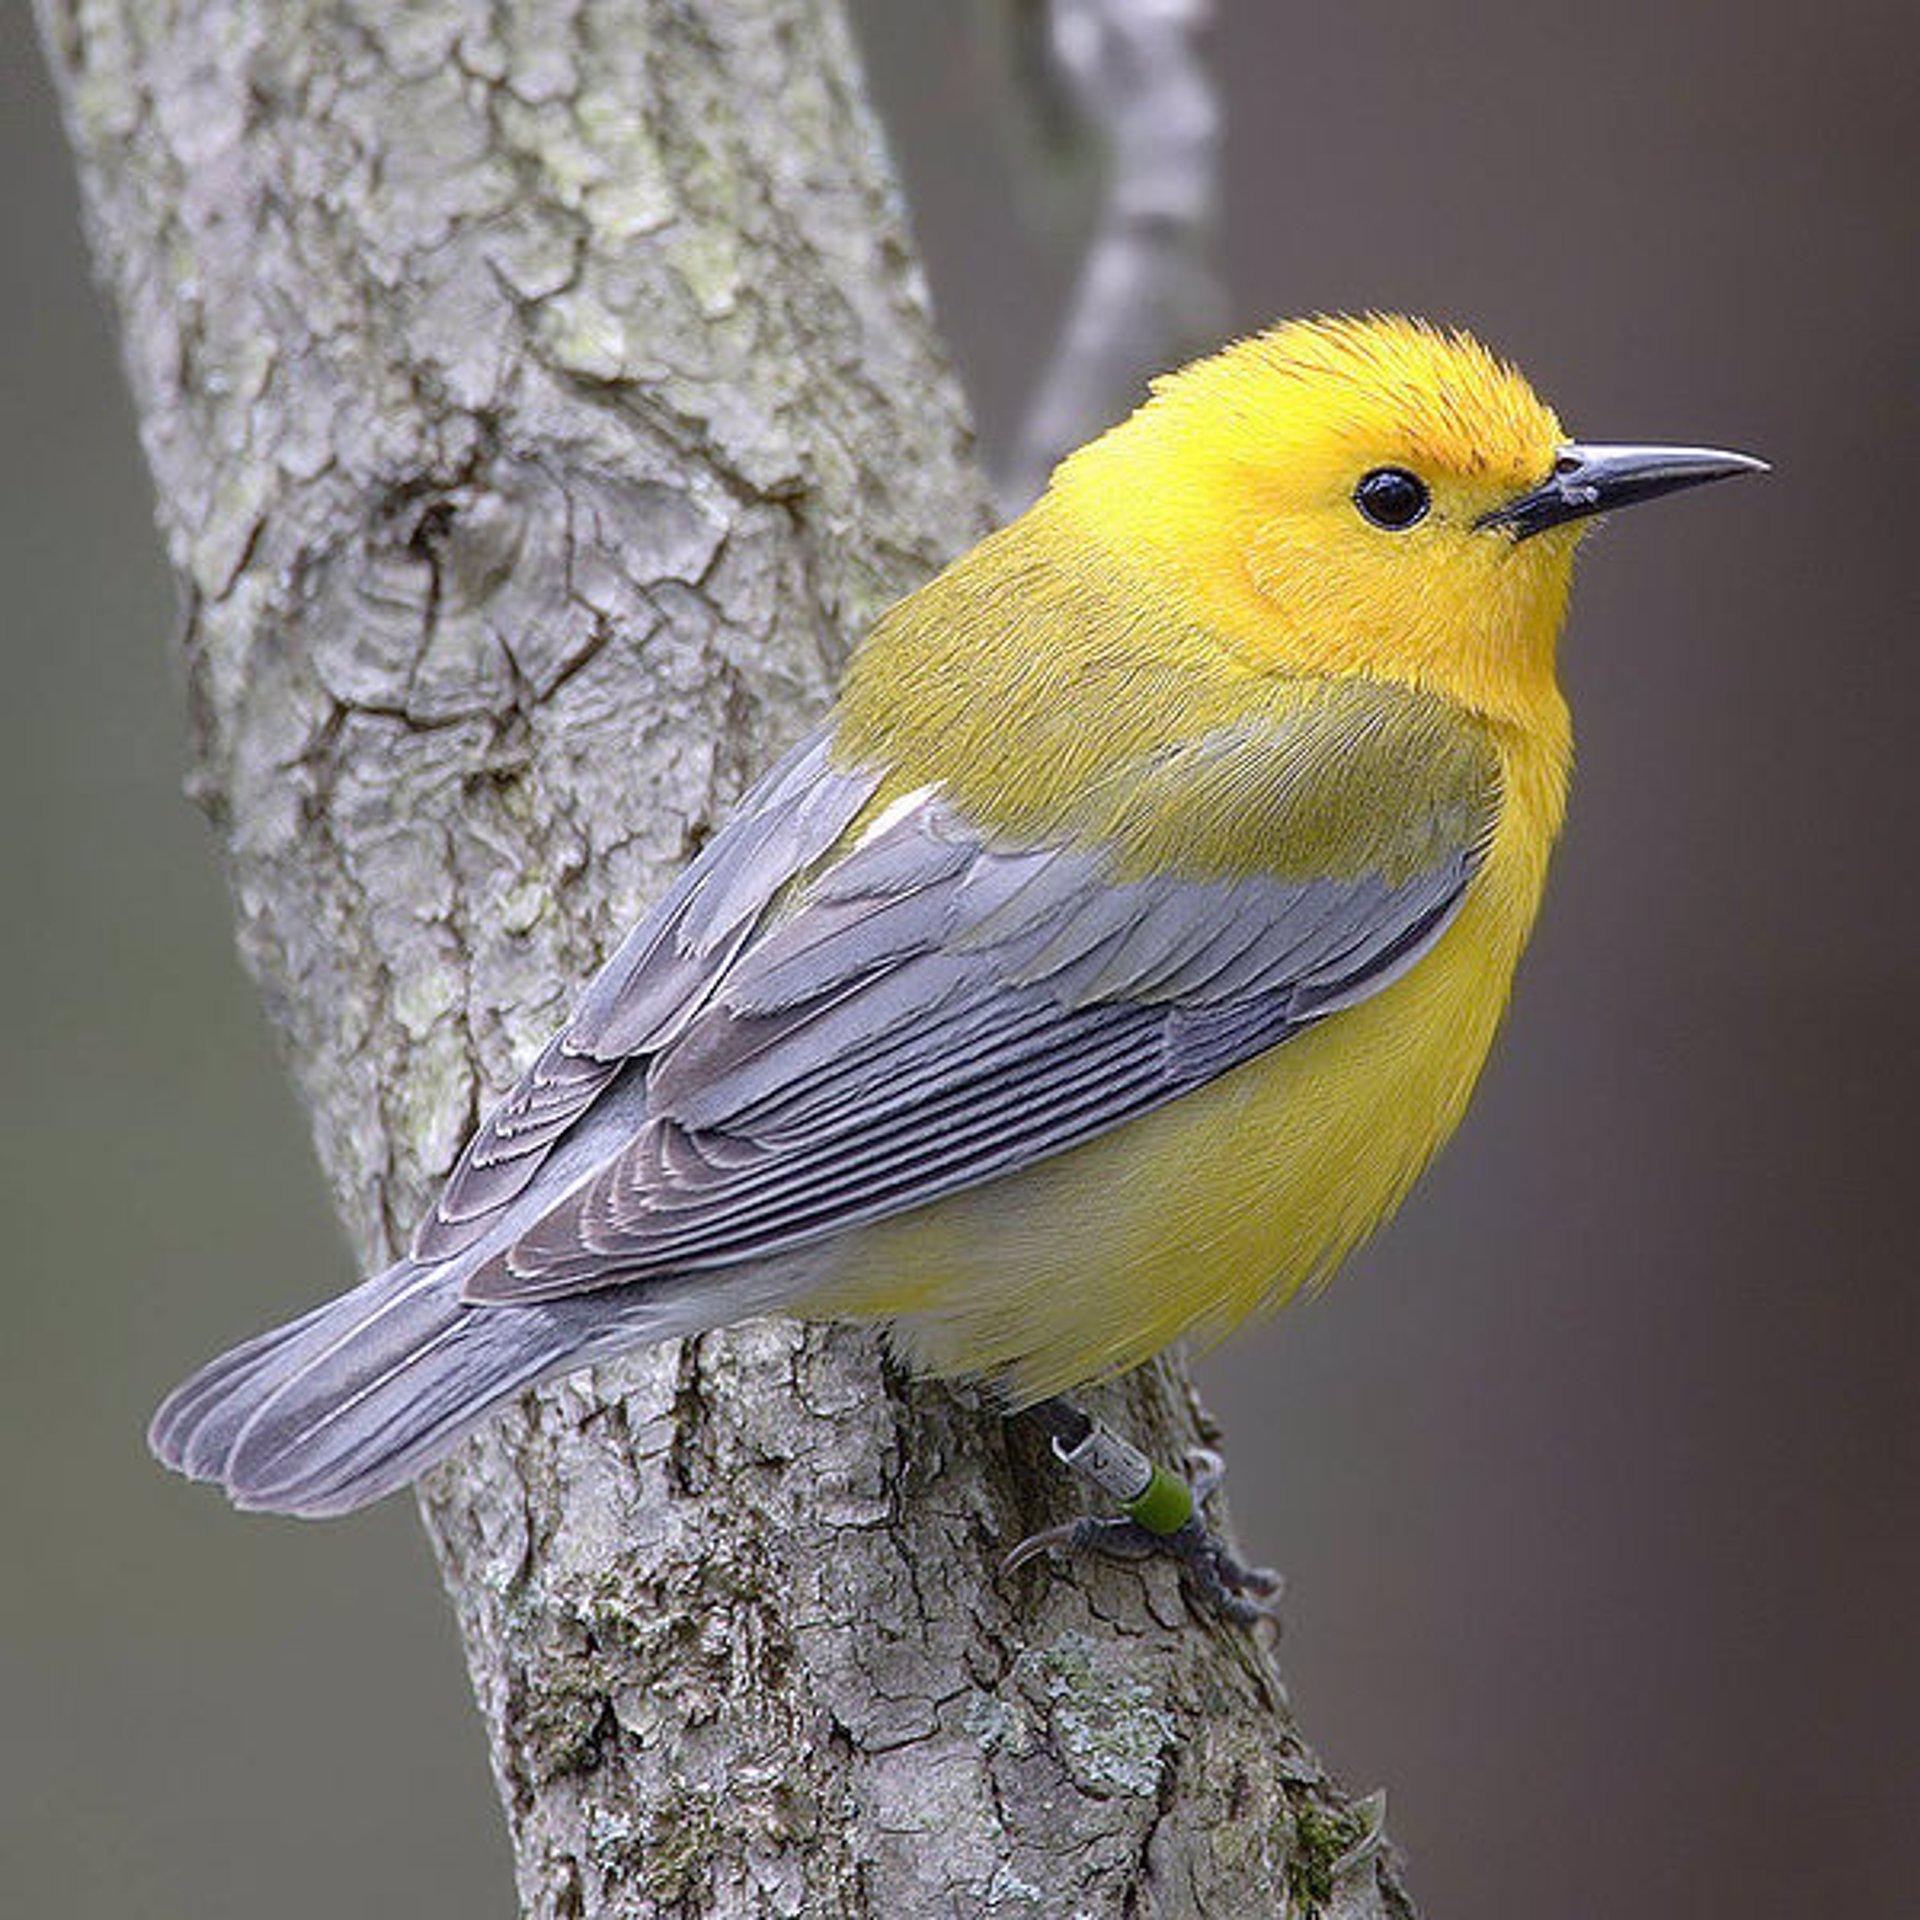 Las aves se adaptan al cambio climático para evitar su extinción